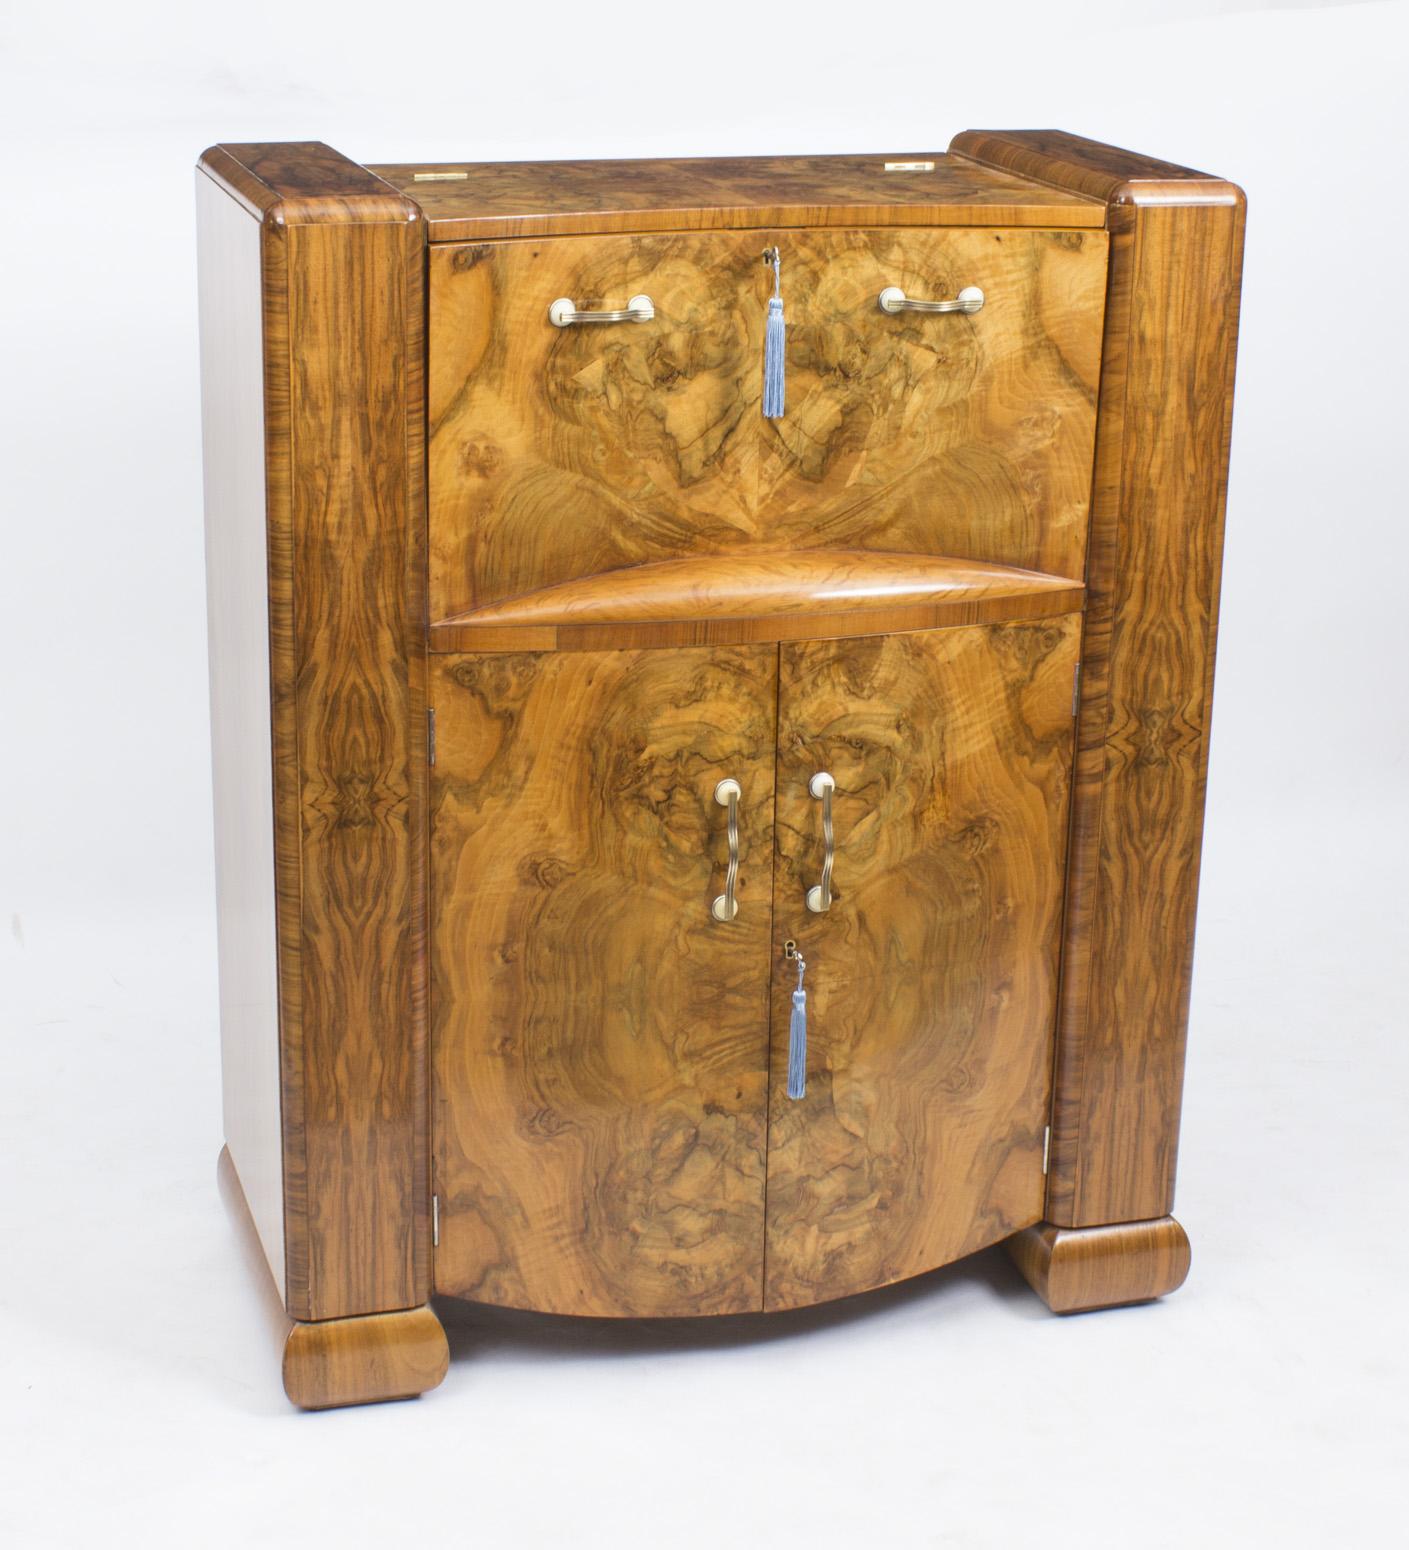 antique art deco burr walnut cocktail cabinet bar ref no 07615. Black Bedroom Furniture Sets. Home Design Ideas